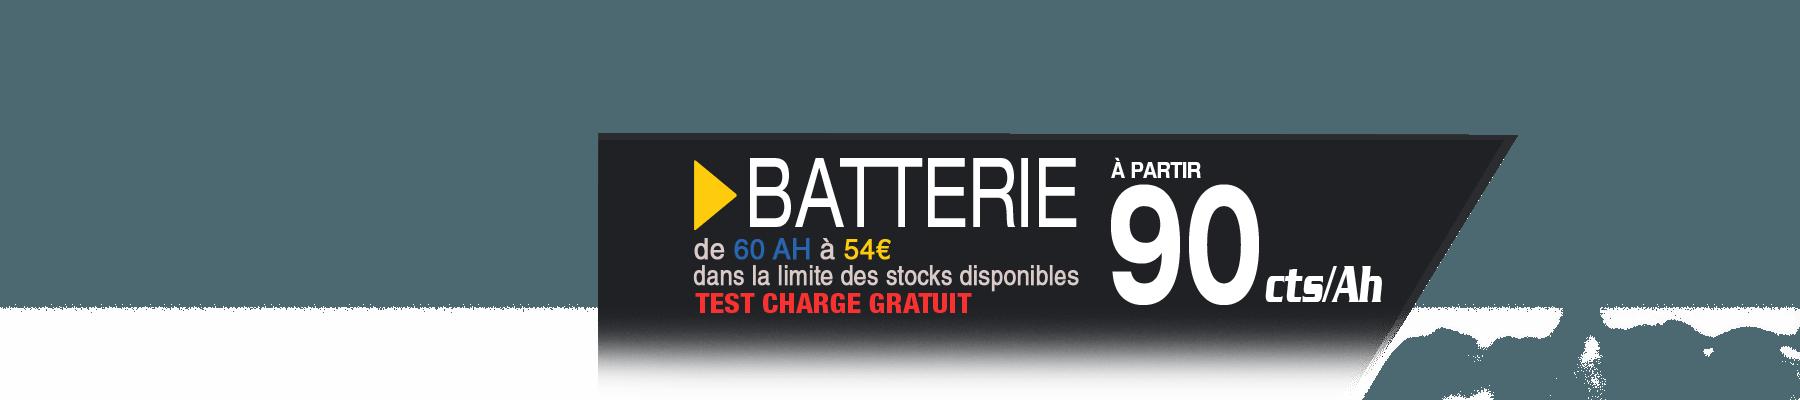 Batterie - AES, Spécialiste auto La Réunion